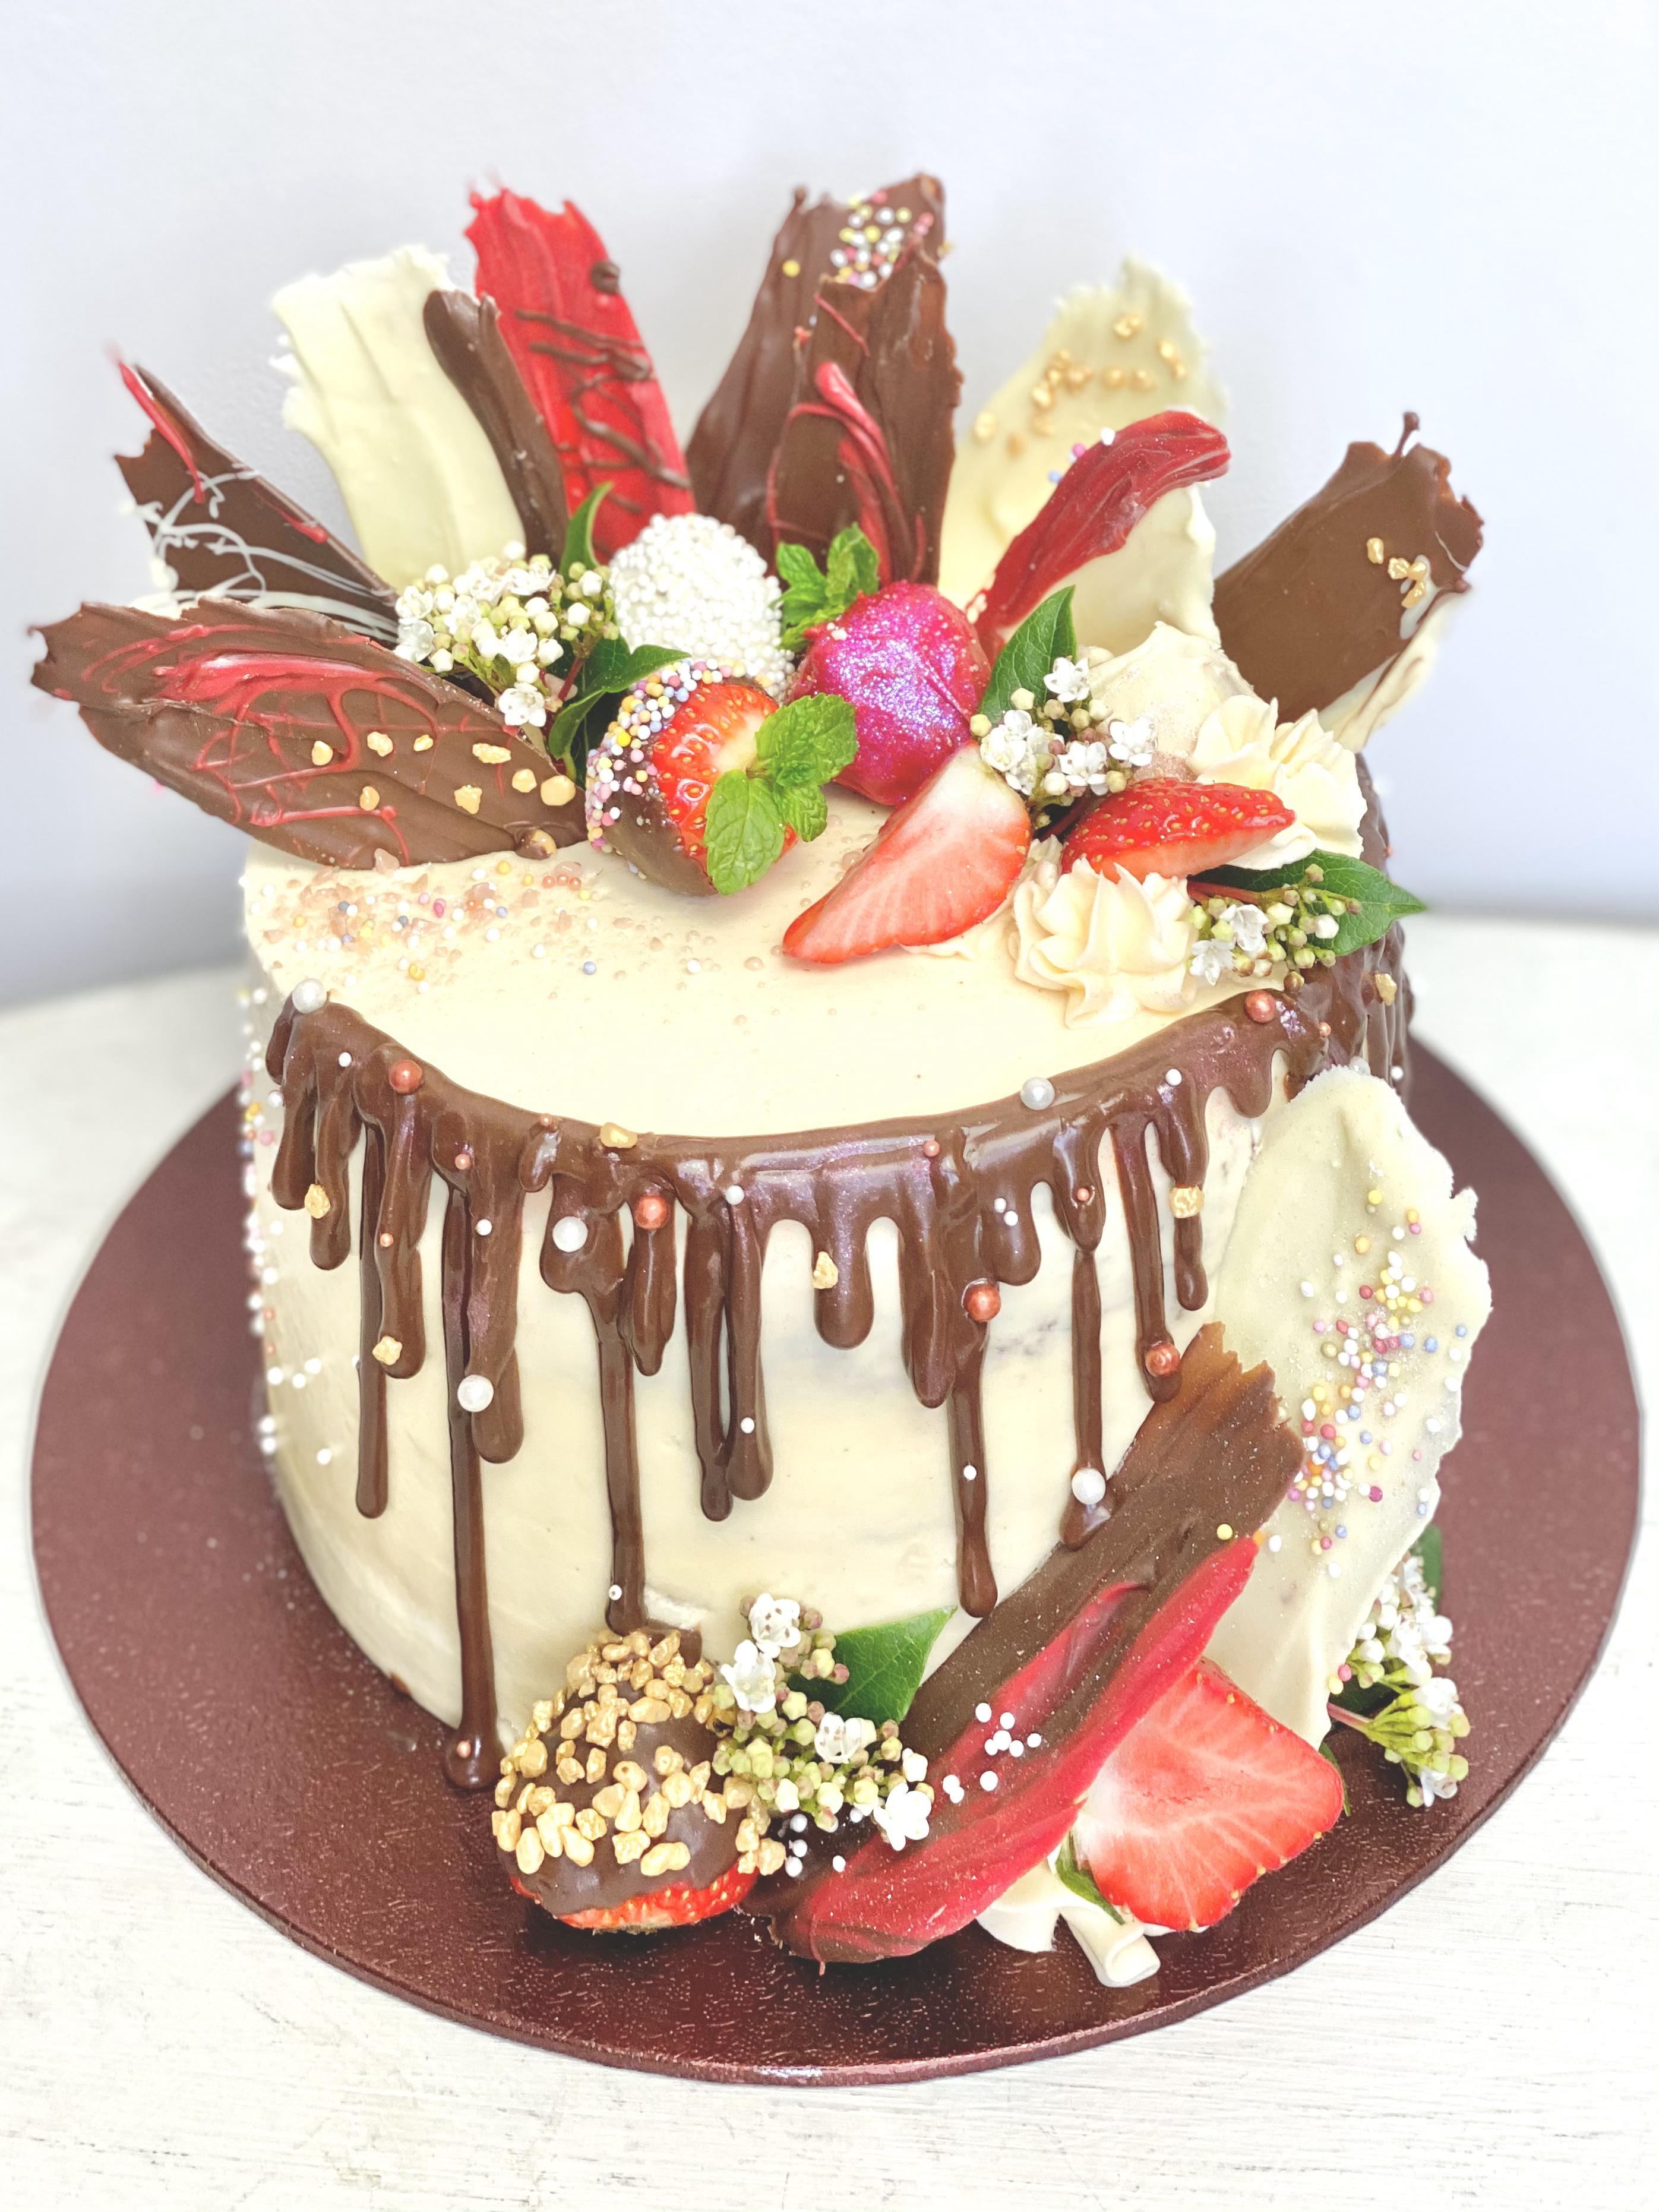 Strawberry chocolate shards drip cake